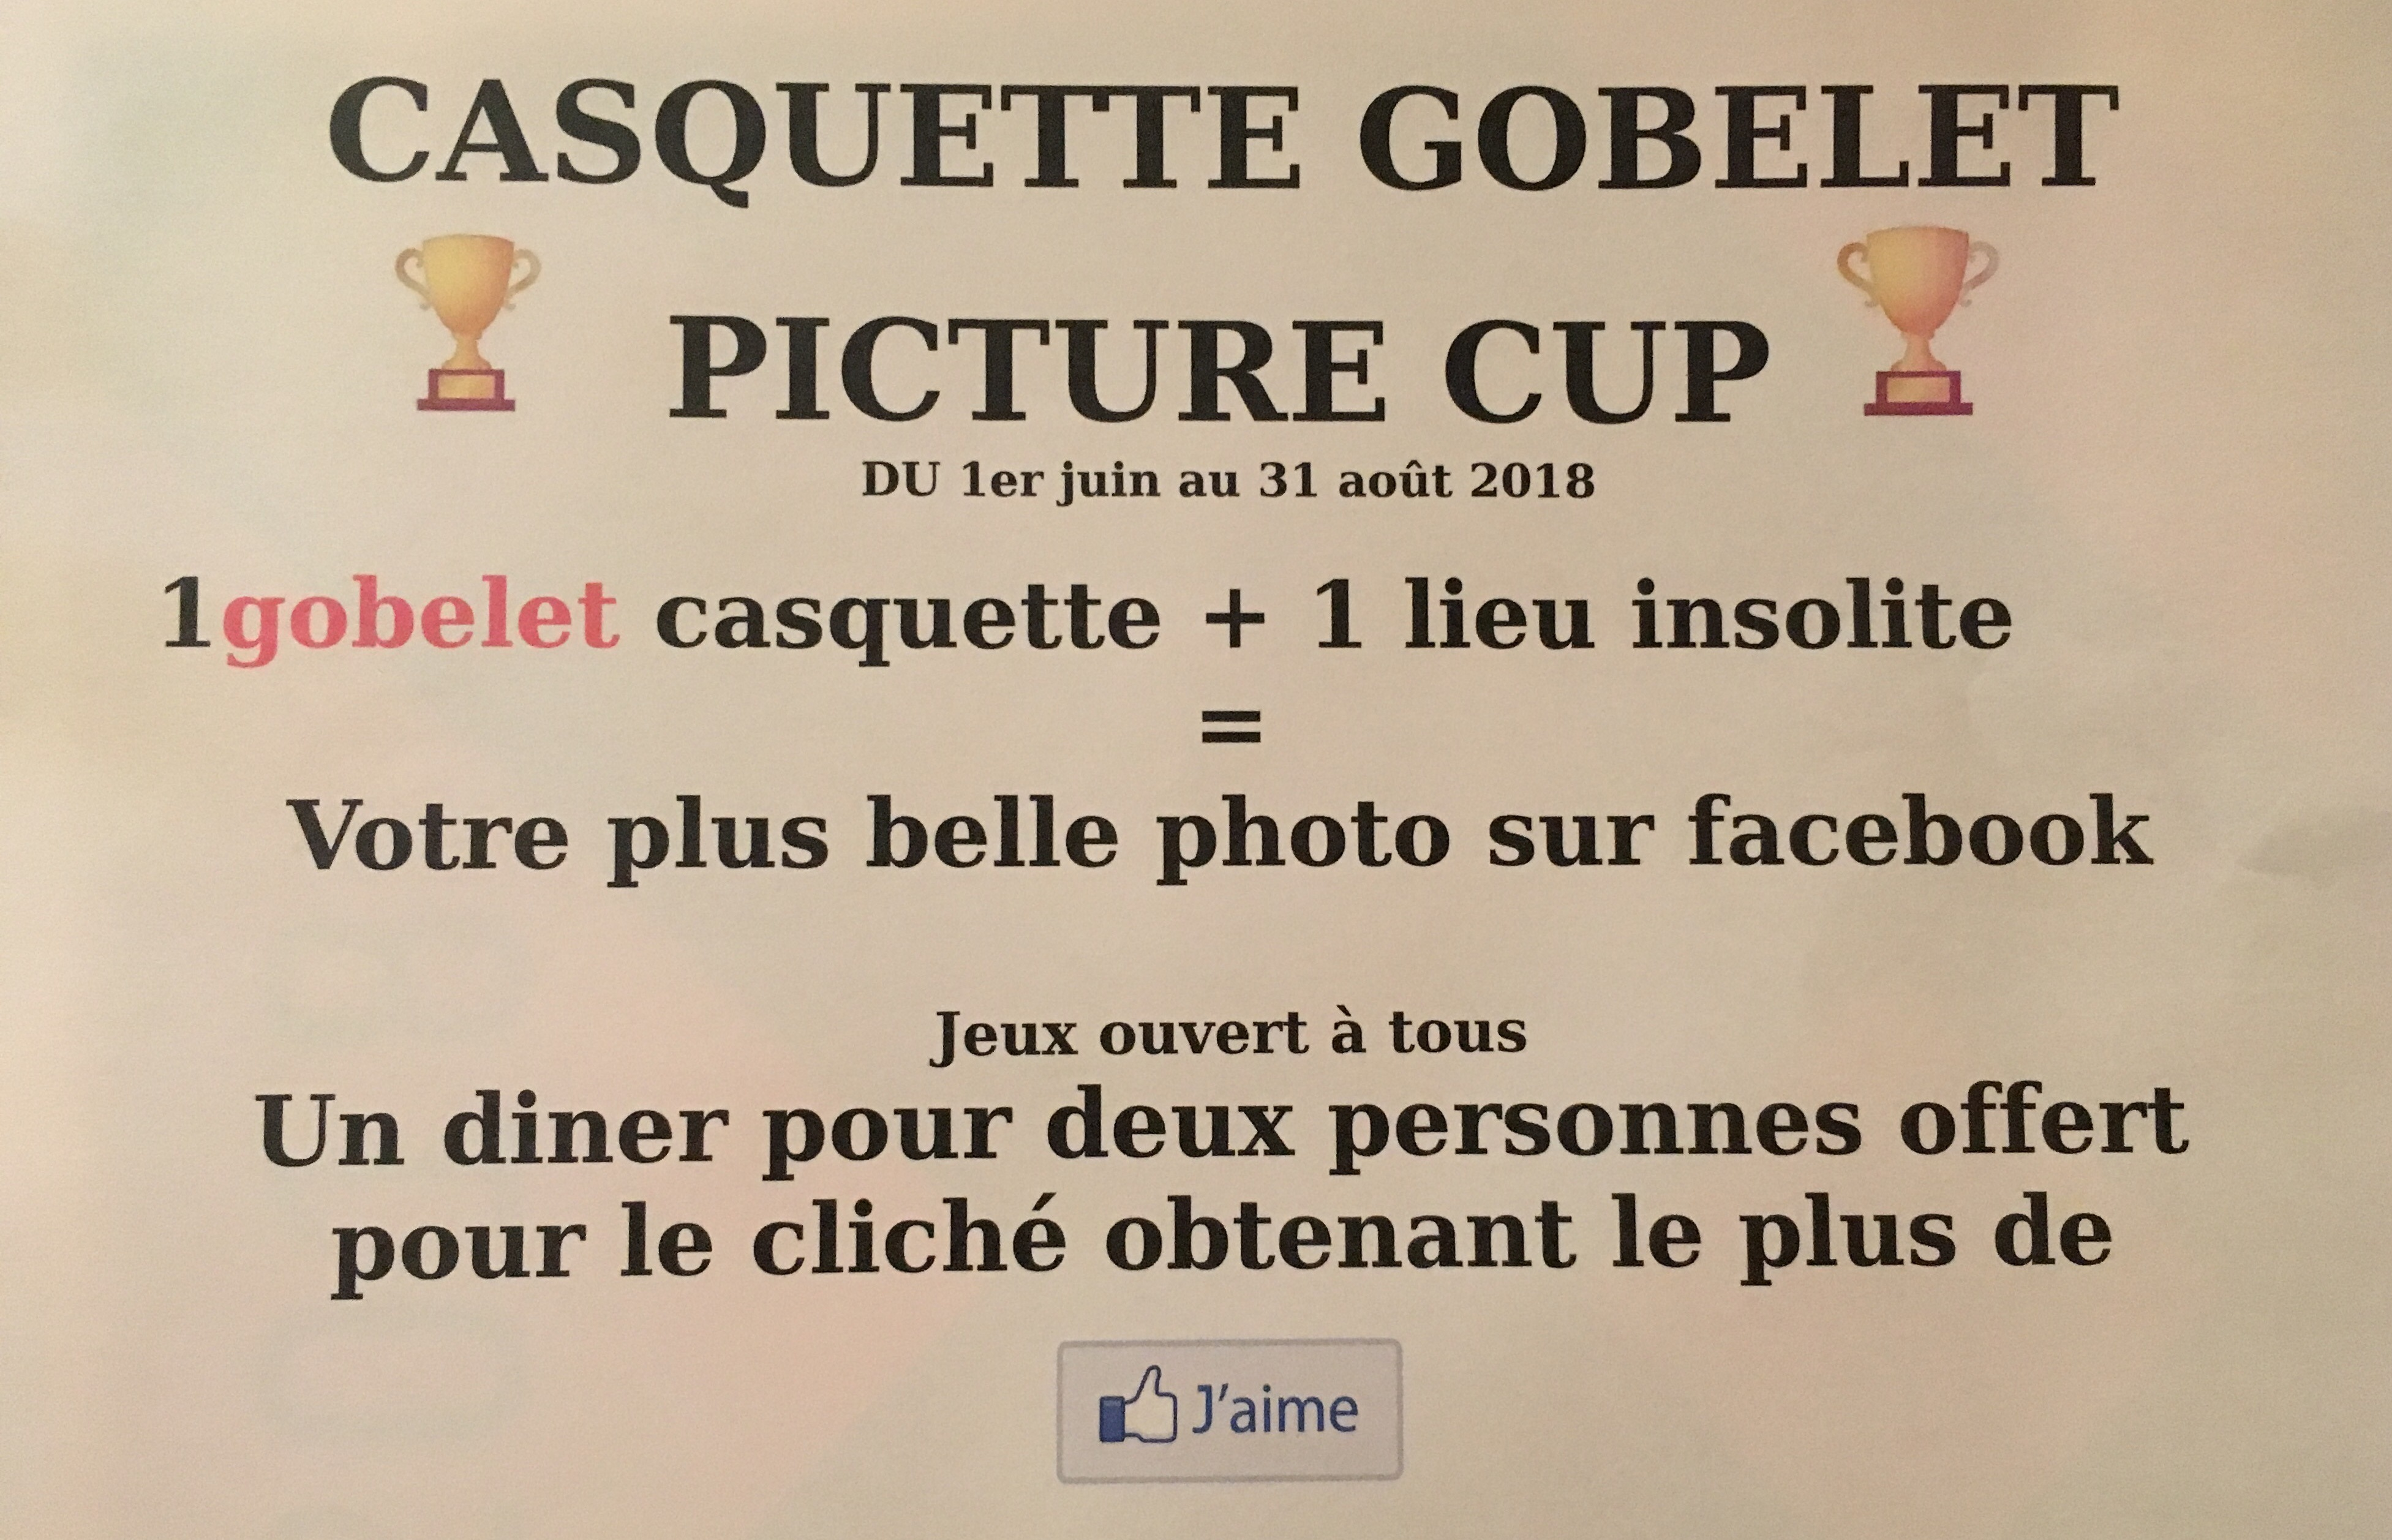 Gobelet concours photo